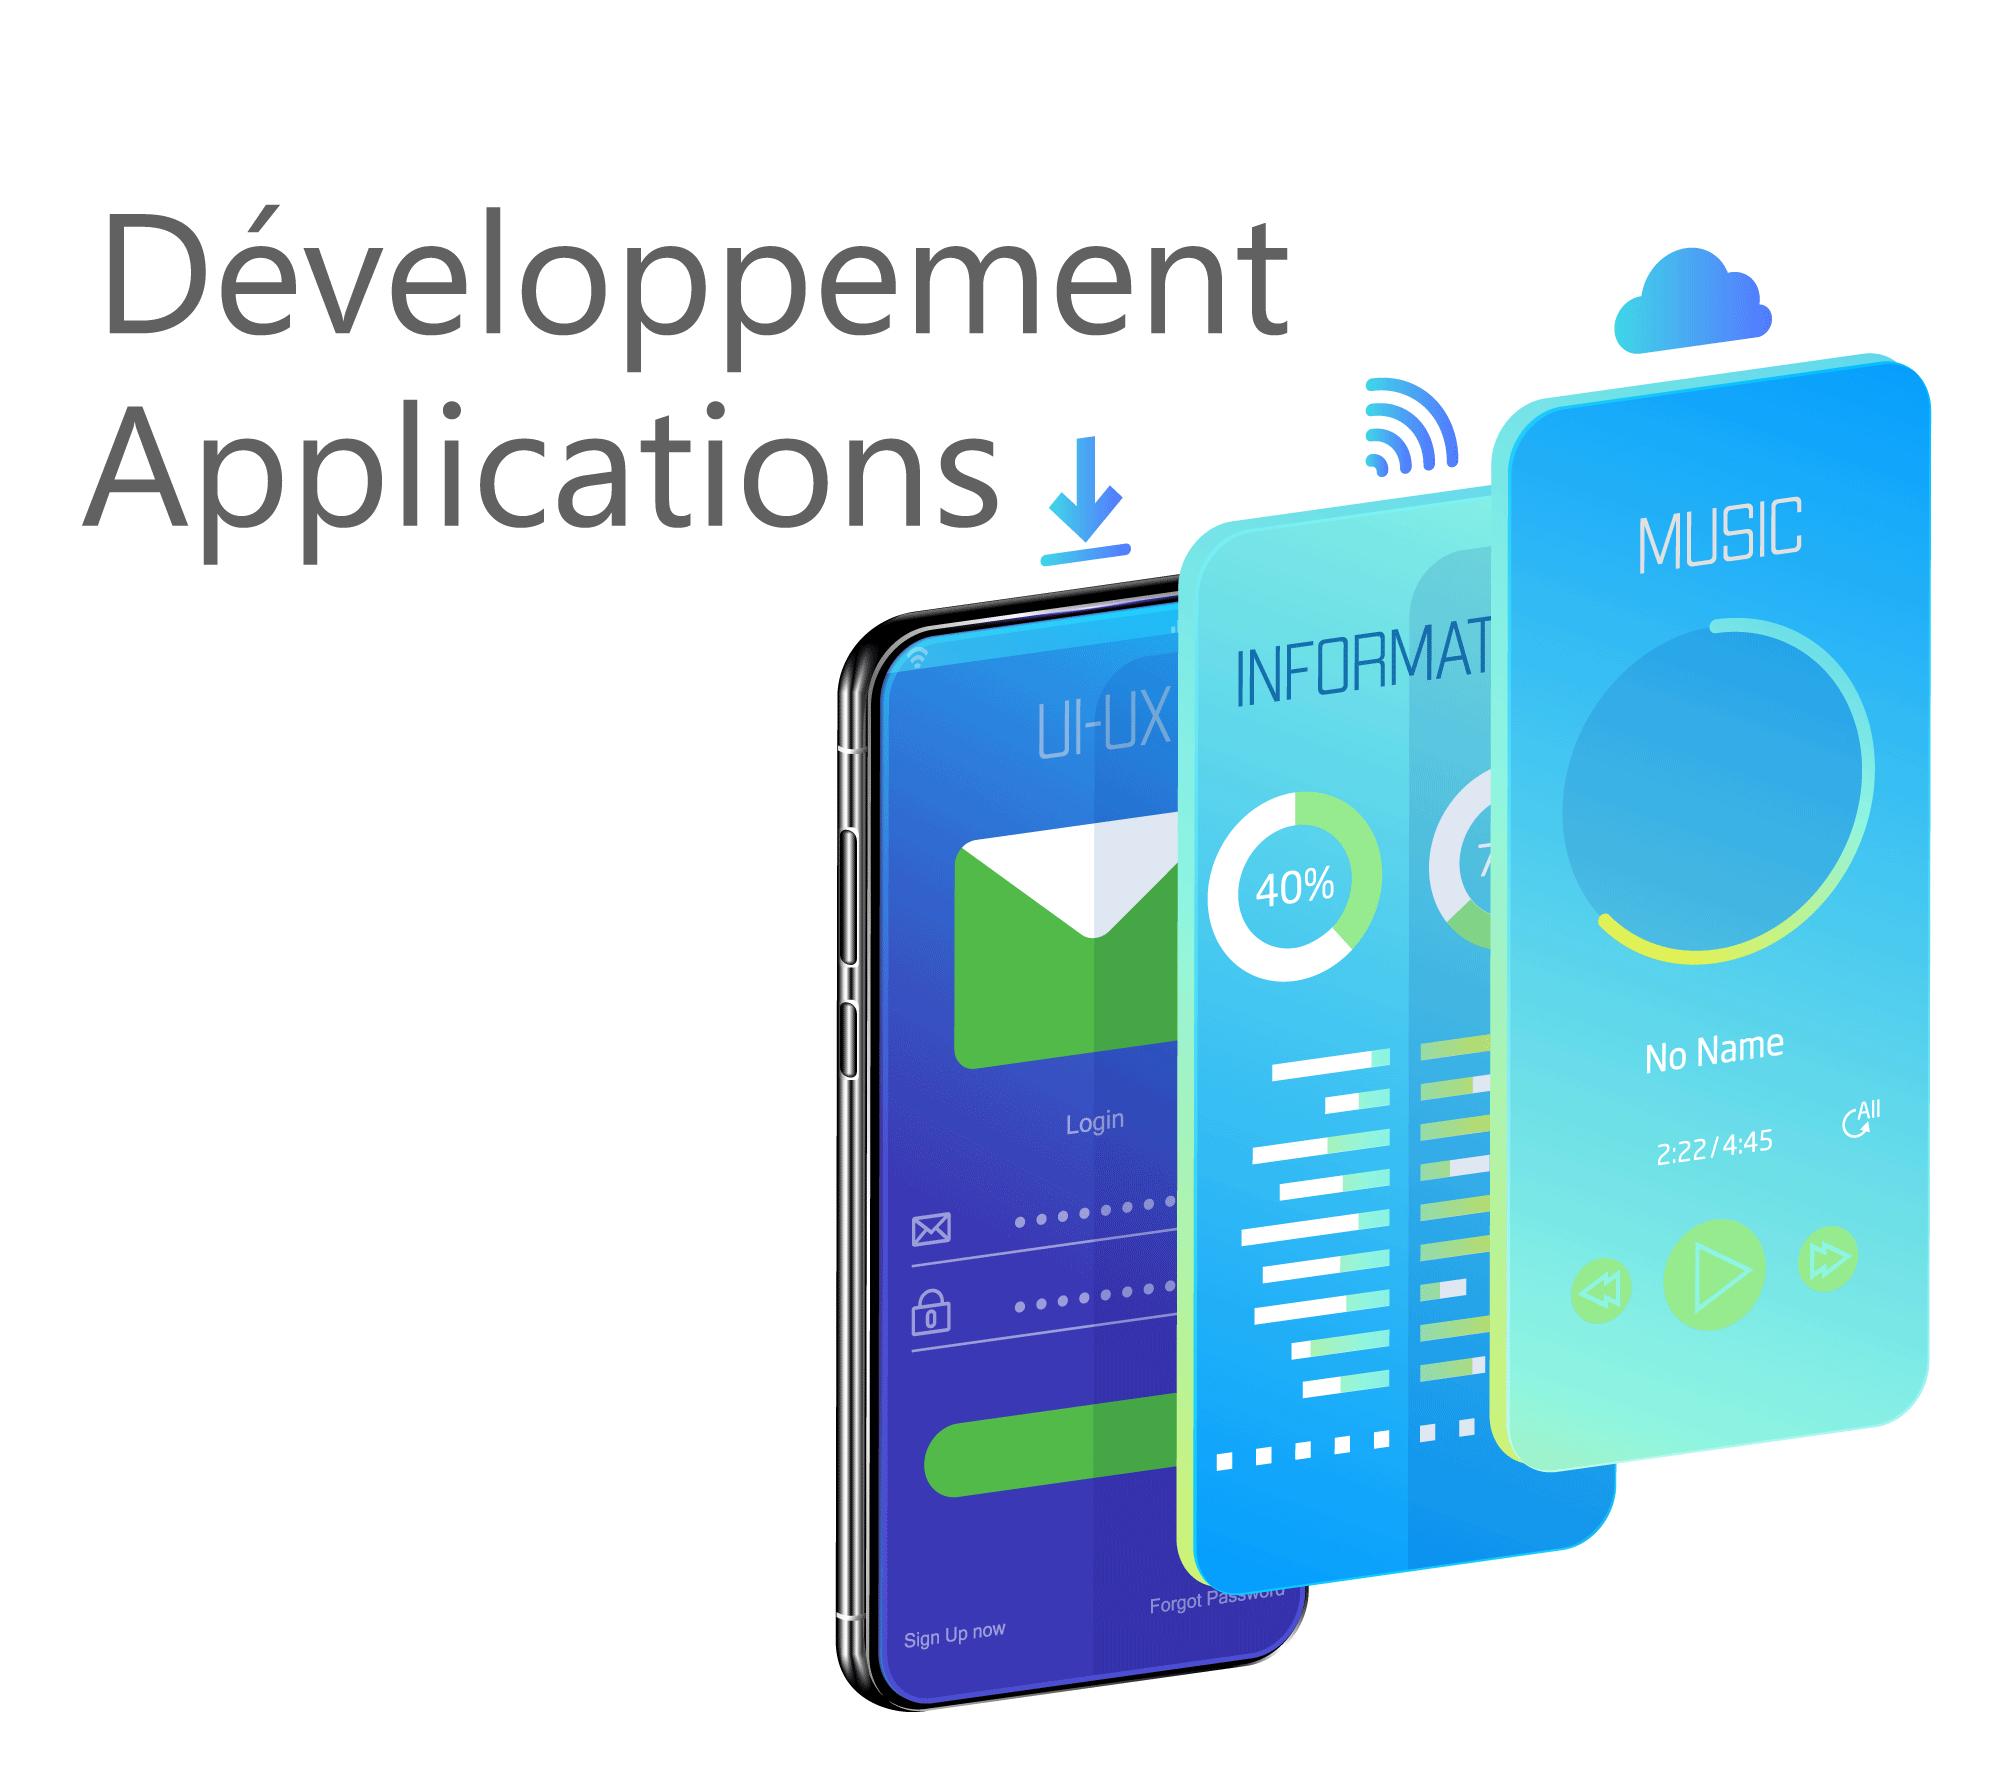 Développement Applications